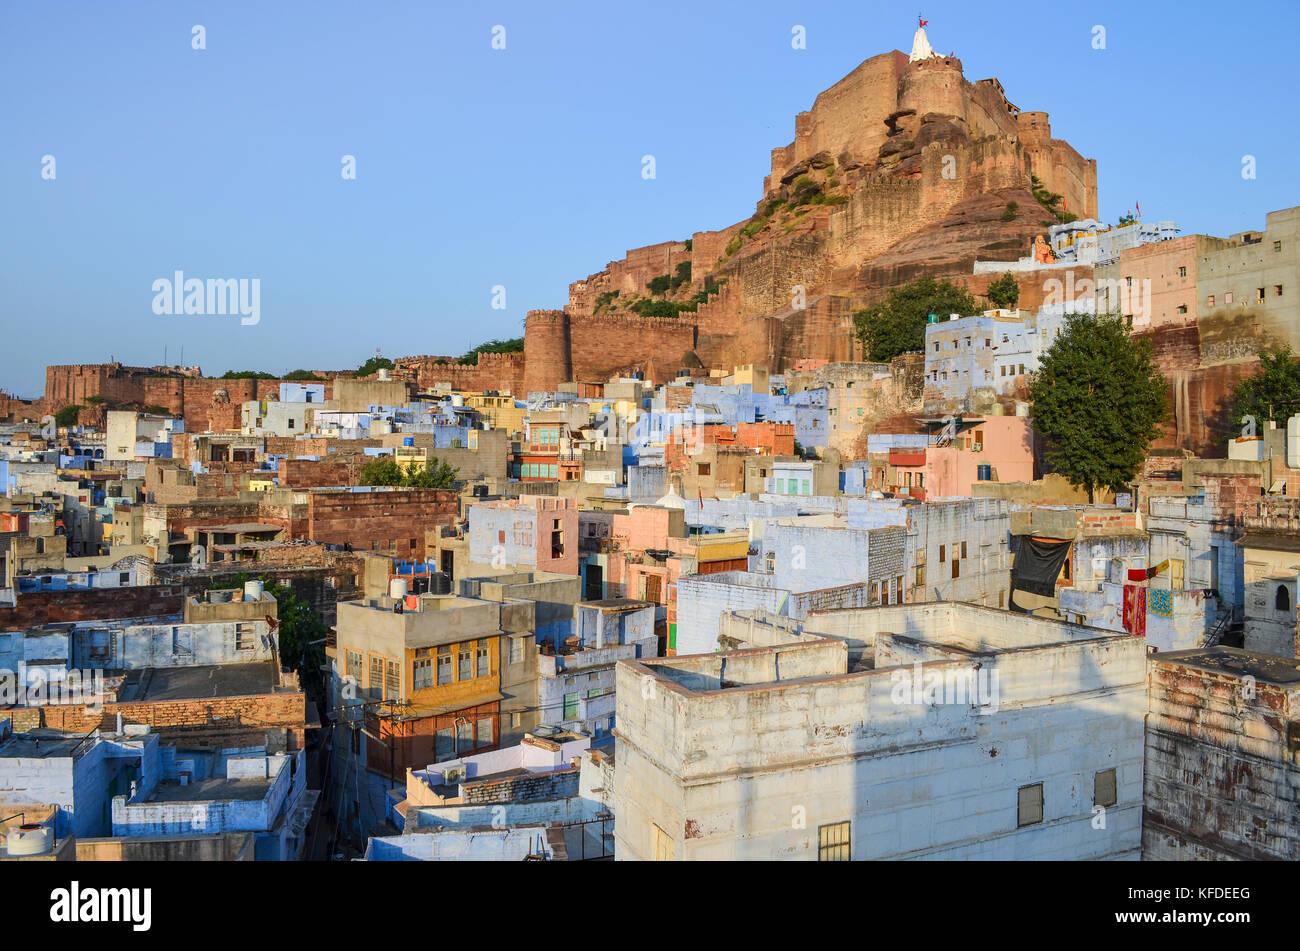 Paesaggio di Jodphur con tradizionale indigo blu e bianco case dipinte e il XV secolo la fortezza Mehrangarh sulla cima della collina. Foto Stock